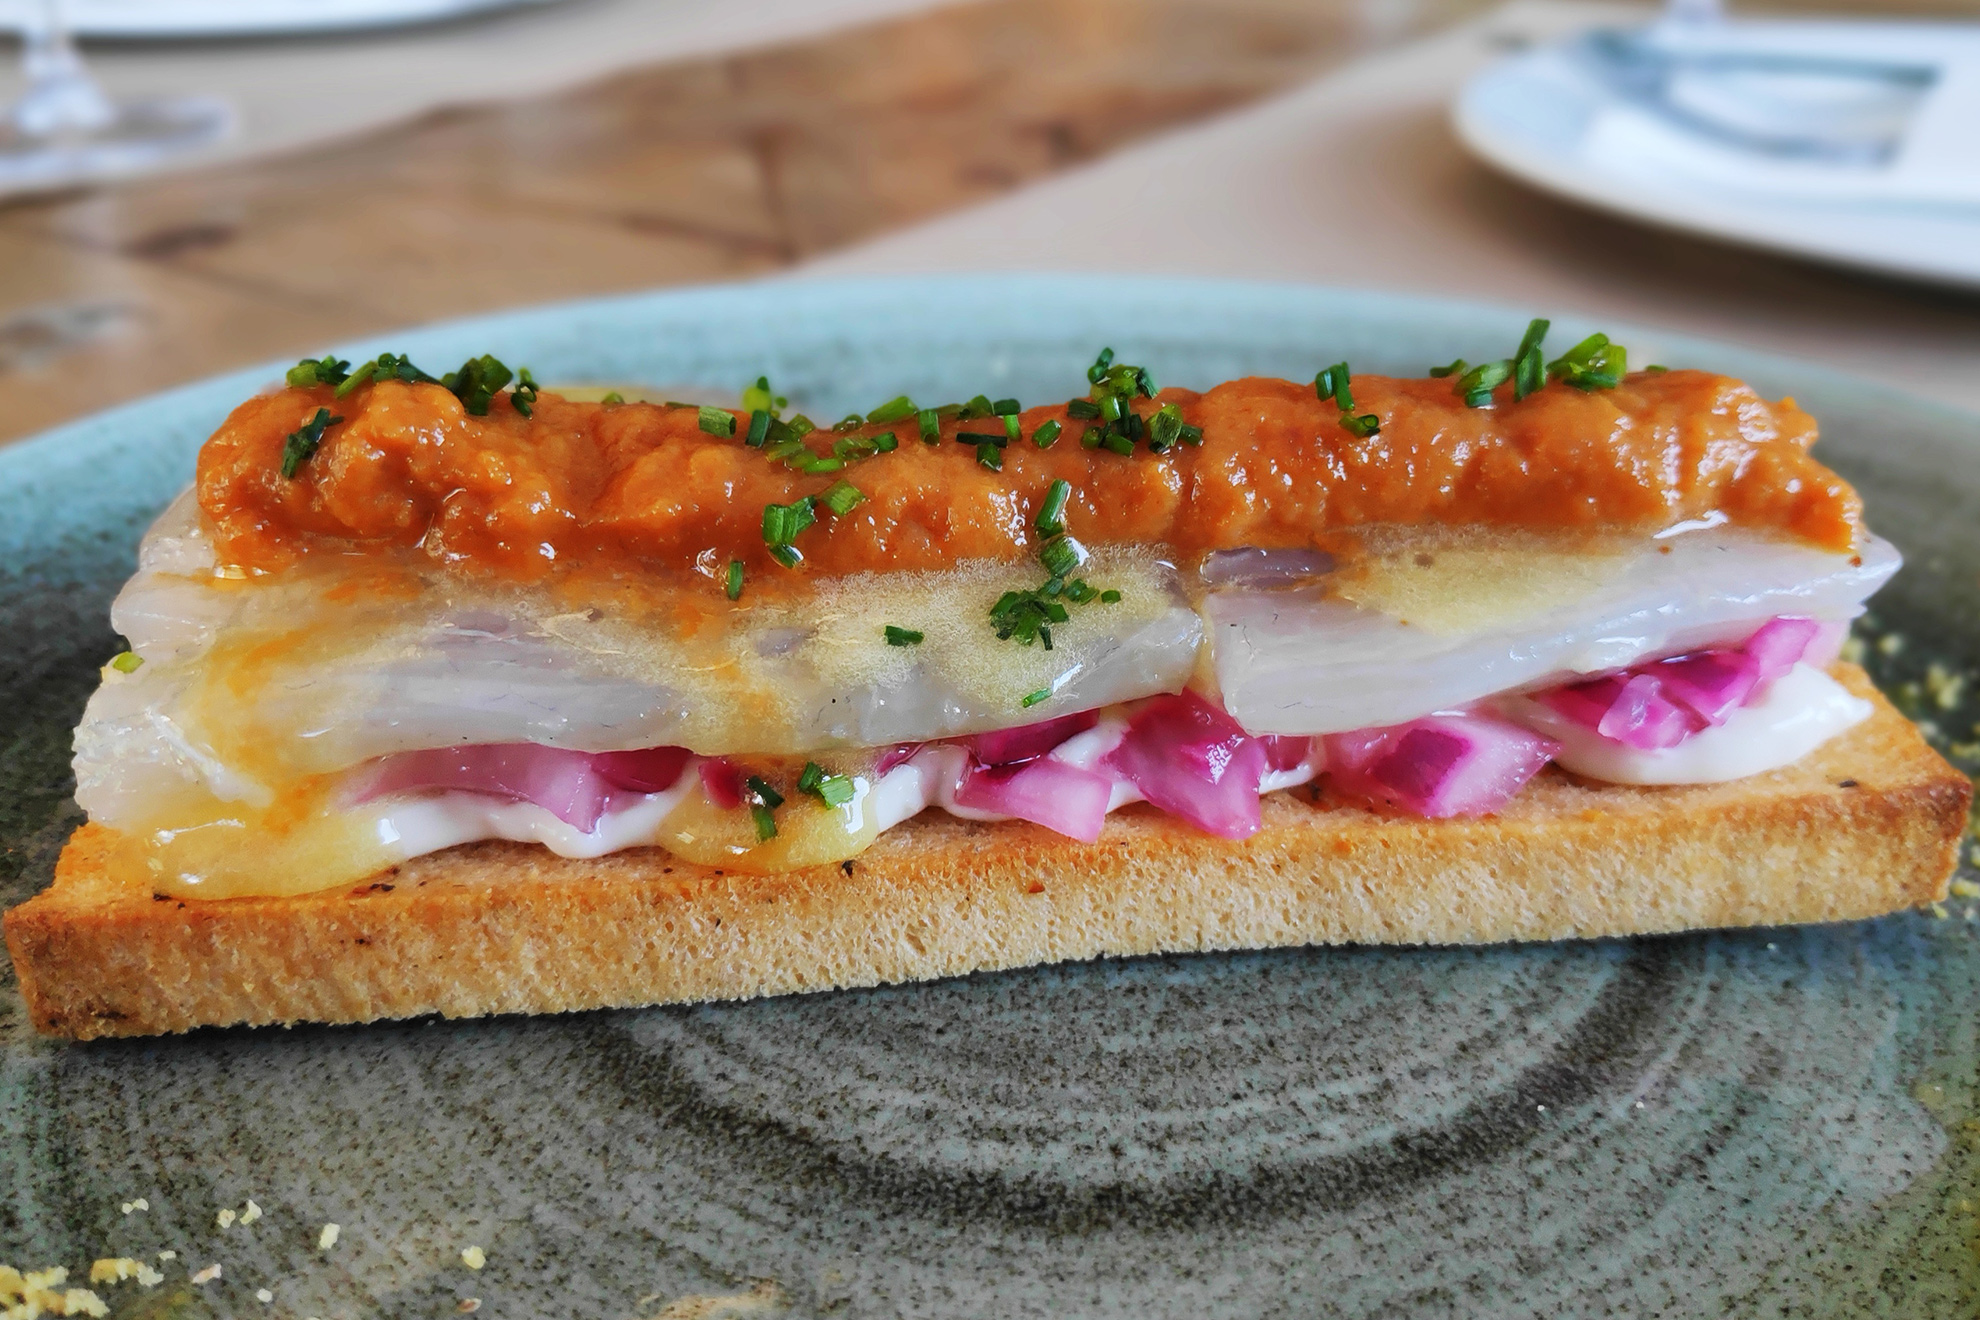 Jornadas Gastronómicas De La Sal y El Estero | La Buena Vida